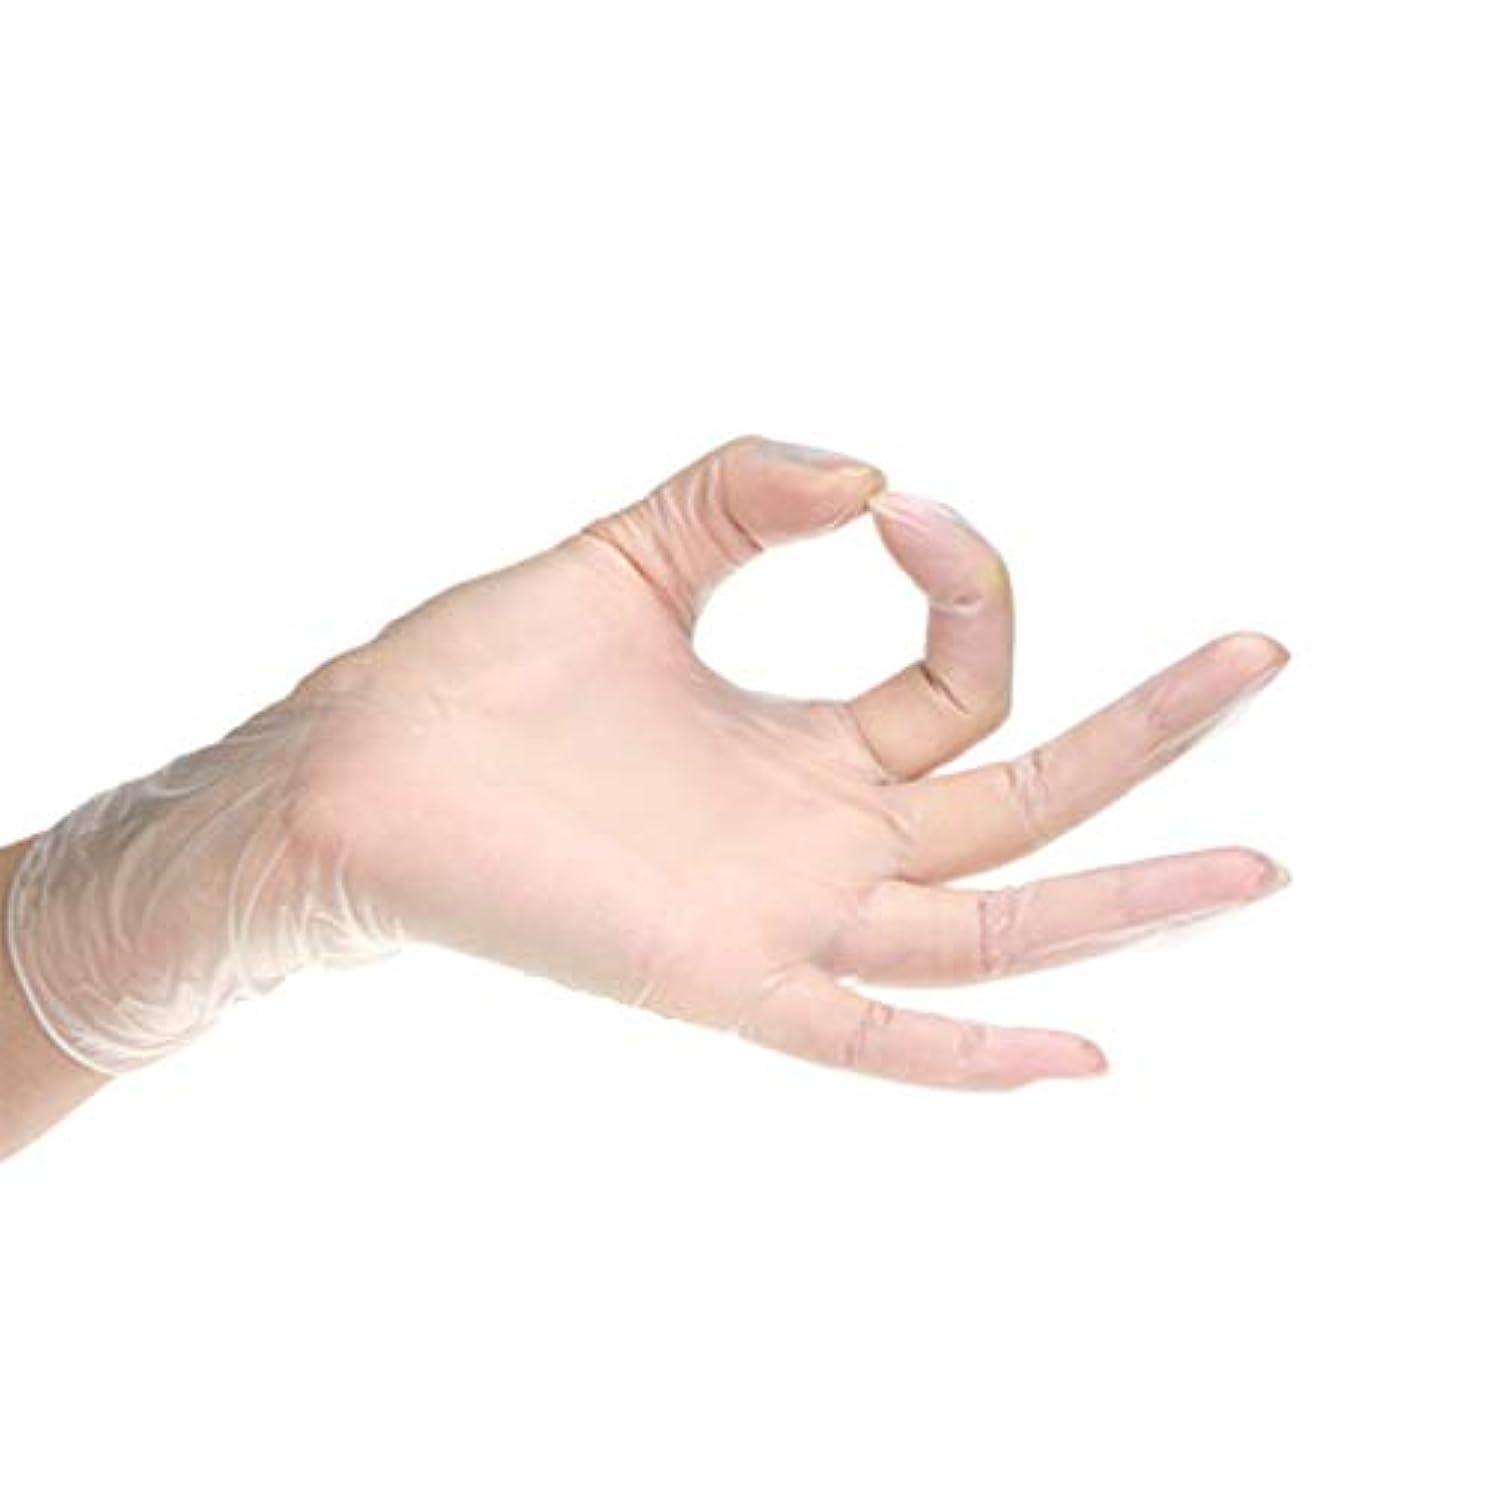 効率見かけ上手使い捨て手袋 ニトリル手袋 はエビをむいて 野菜 顔を切っ て料理の 食品を加工して粉がなく 透明 100枚 (L)